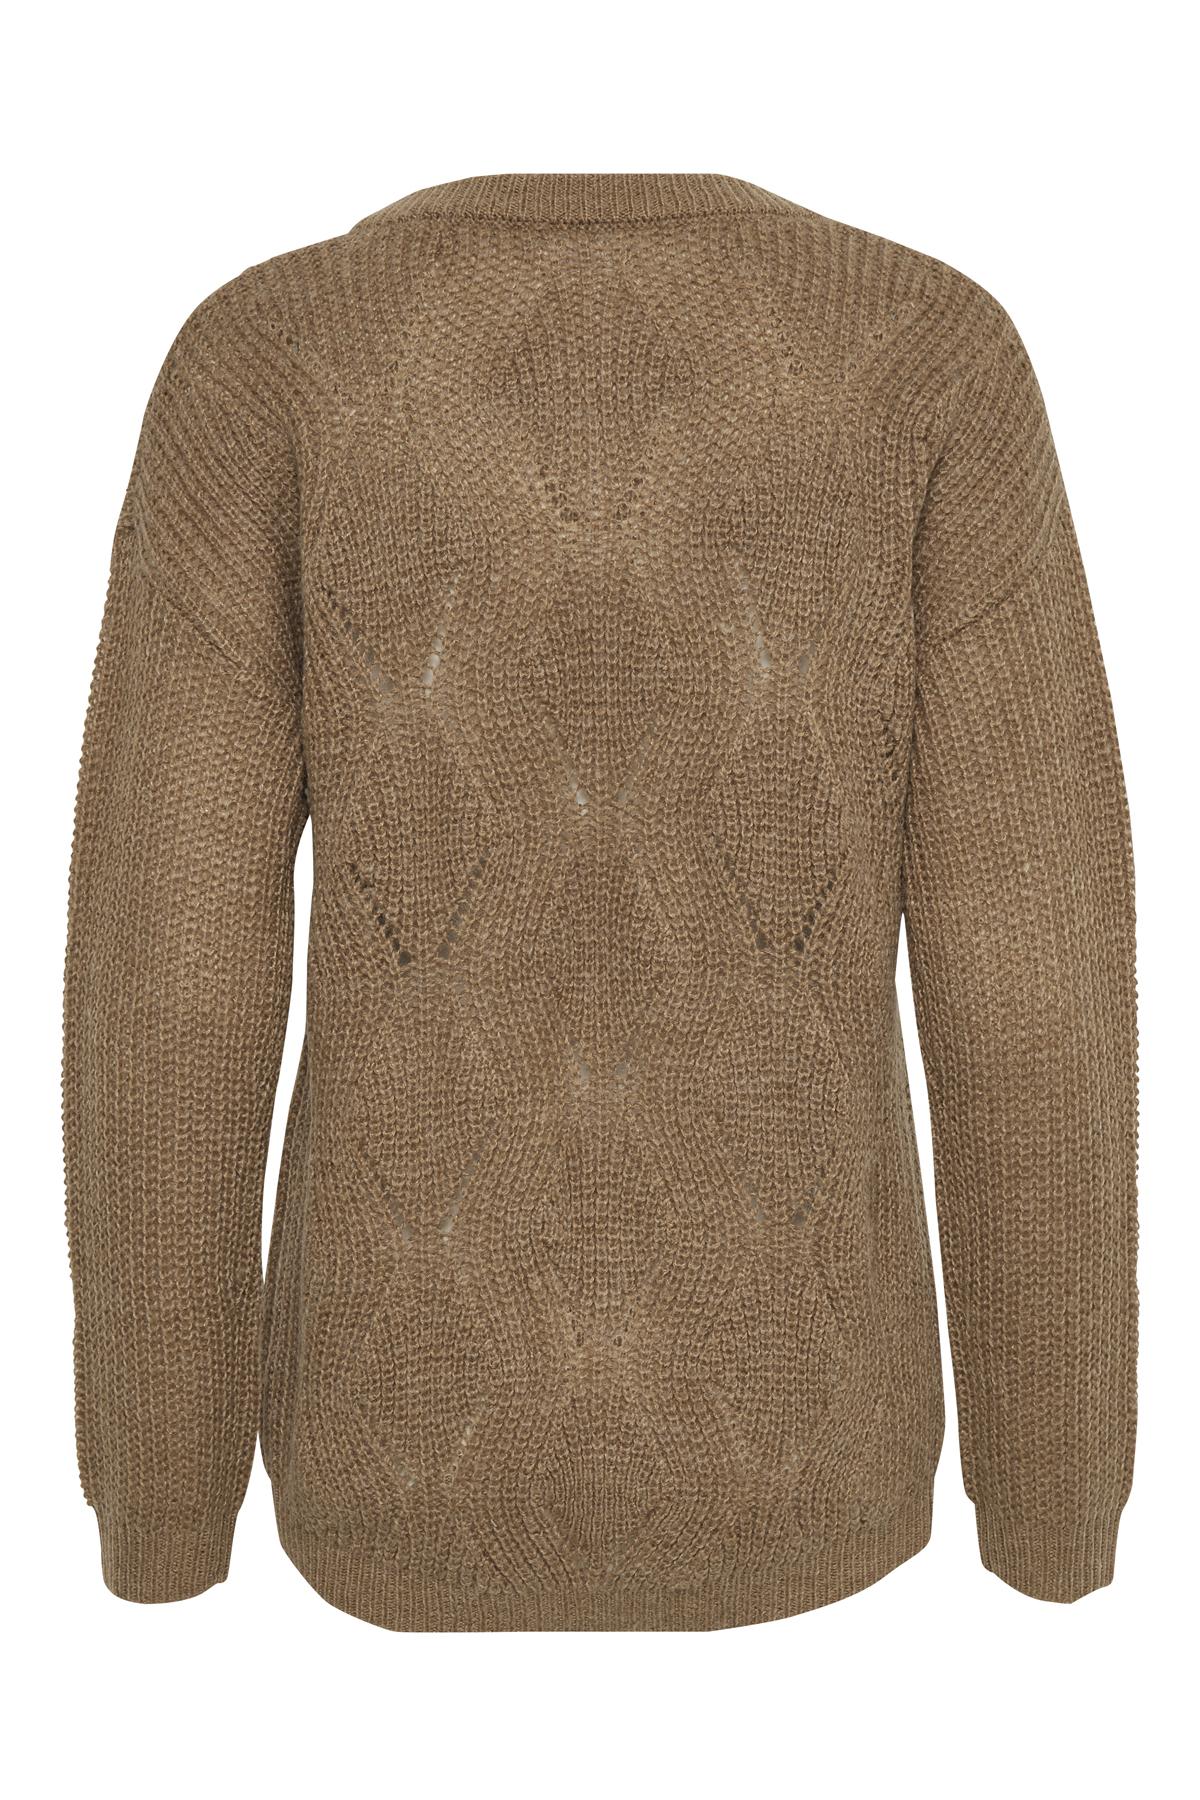 Cognac Stickad pullover från Bon'A Parte – Köp Cognac Stickad pullover från stl. S-2XL här